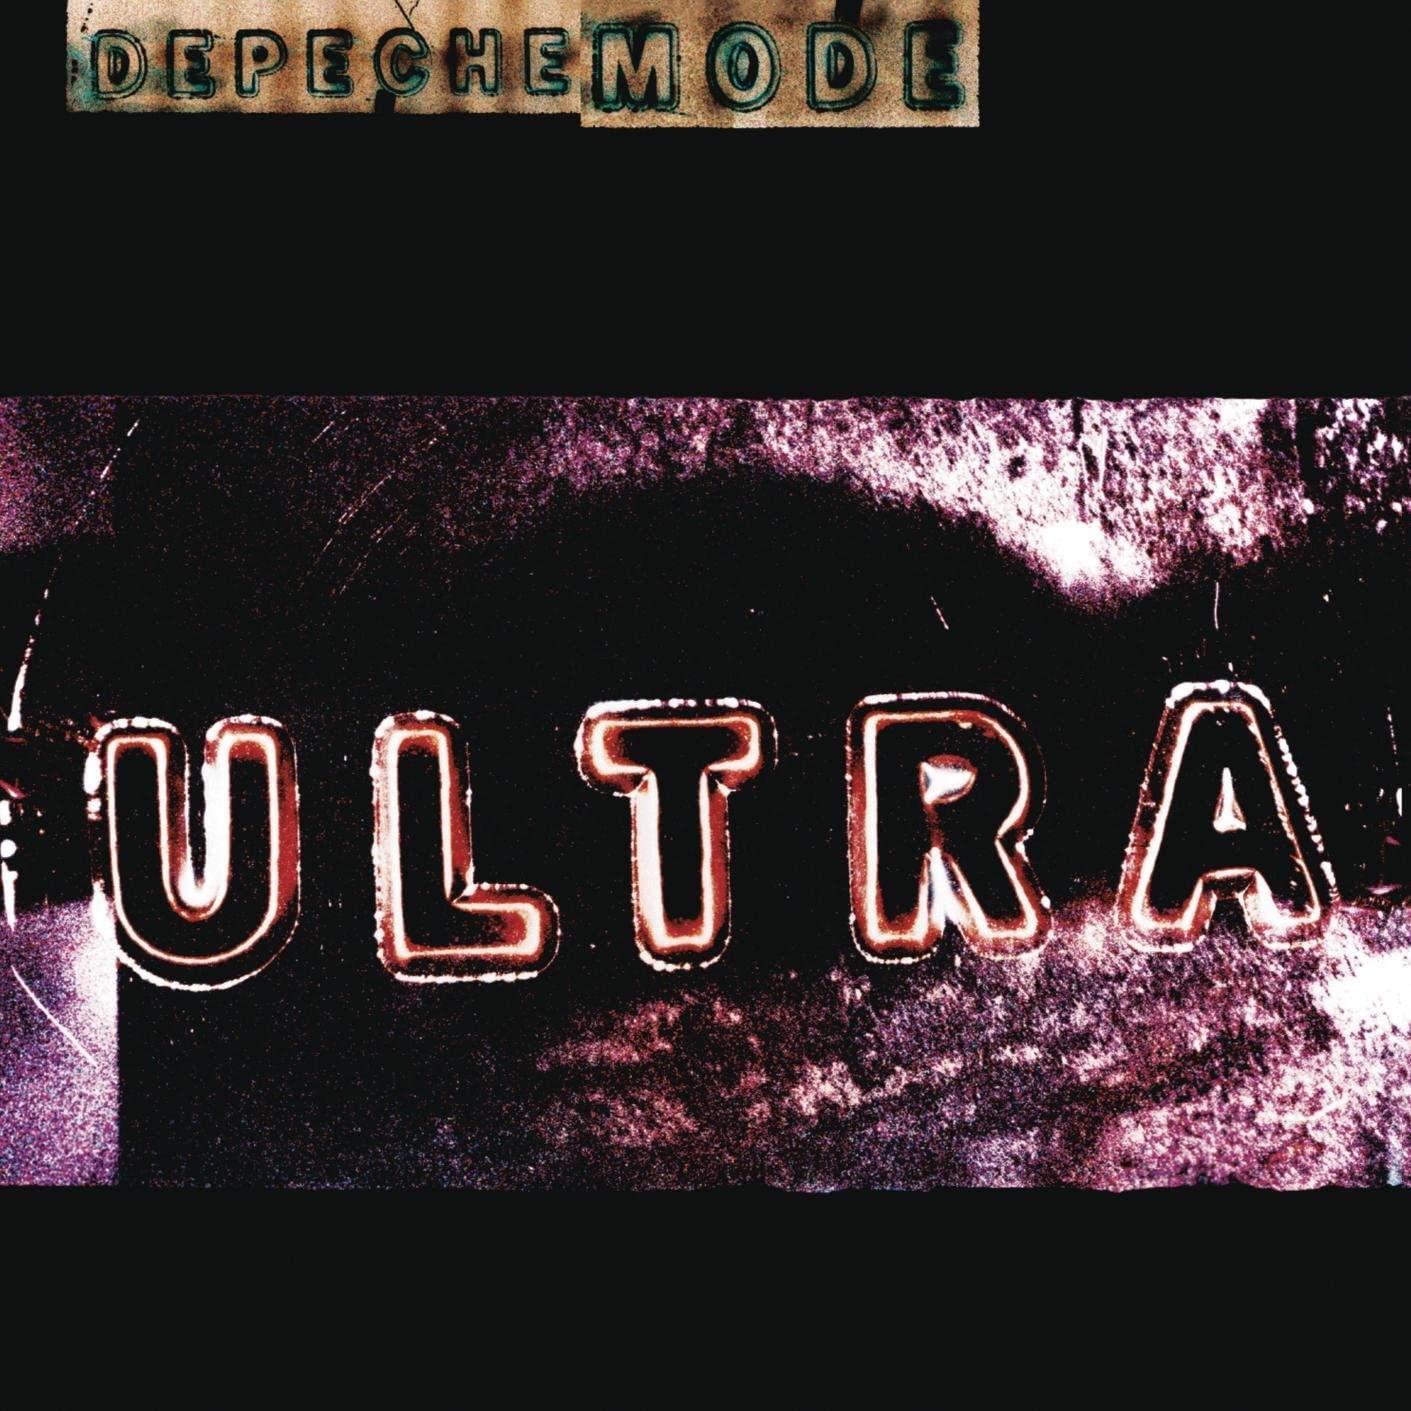 Ultra depeche mode